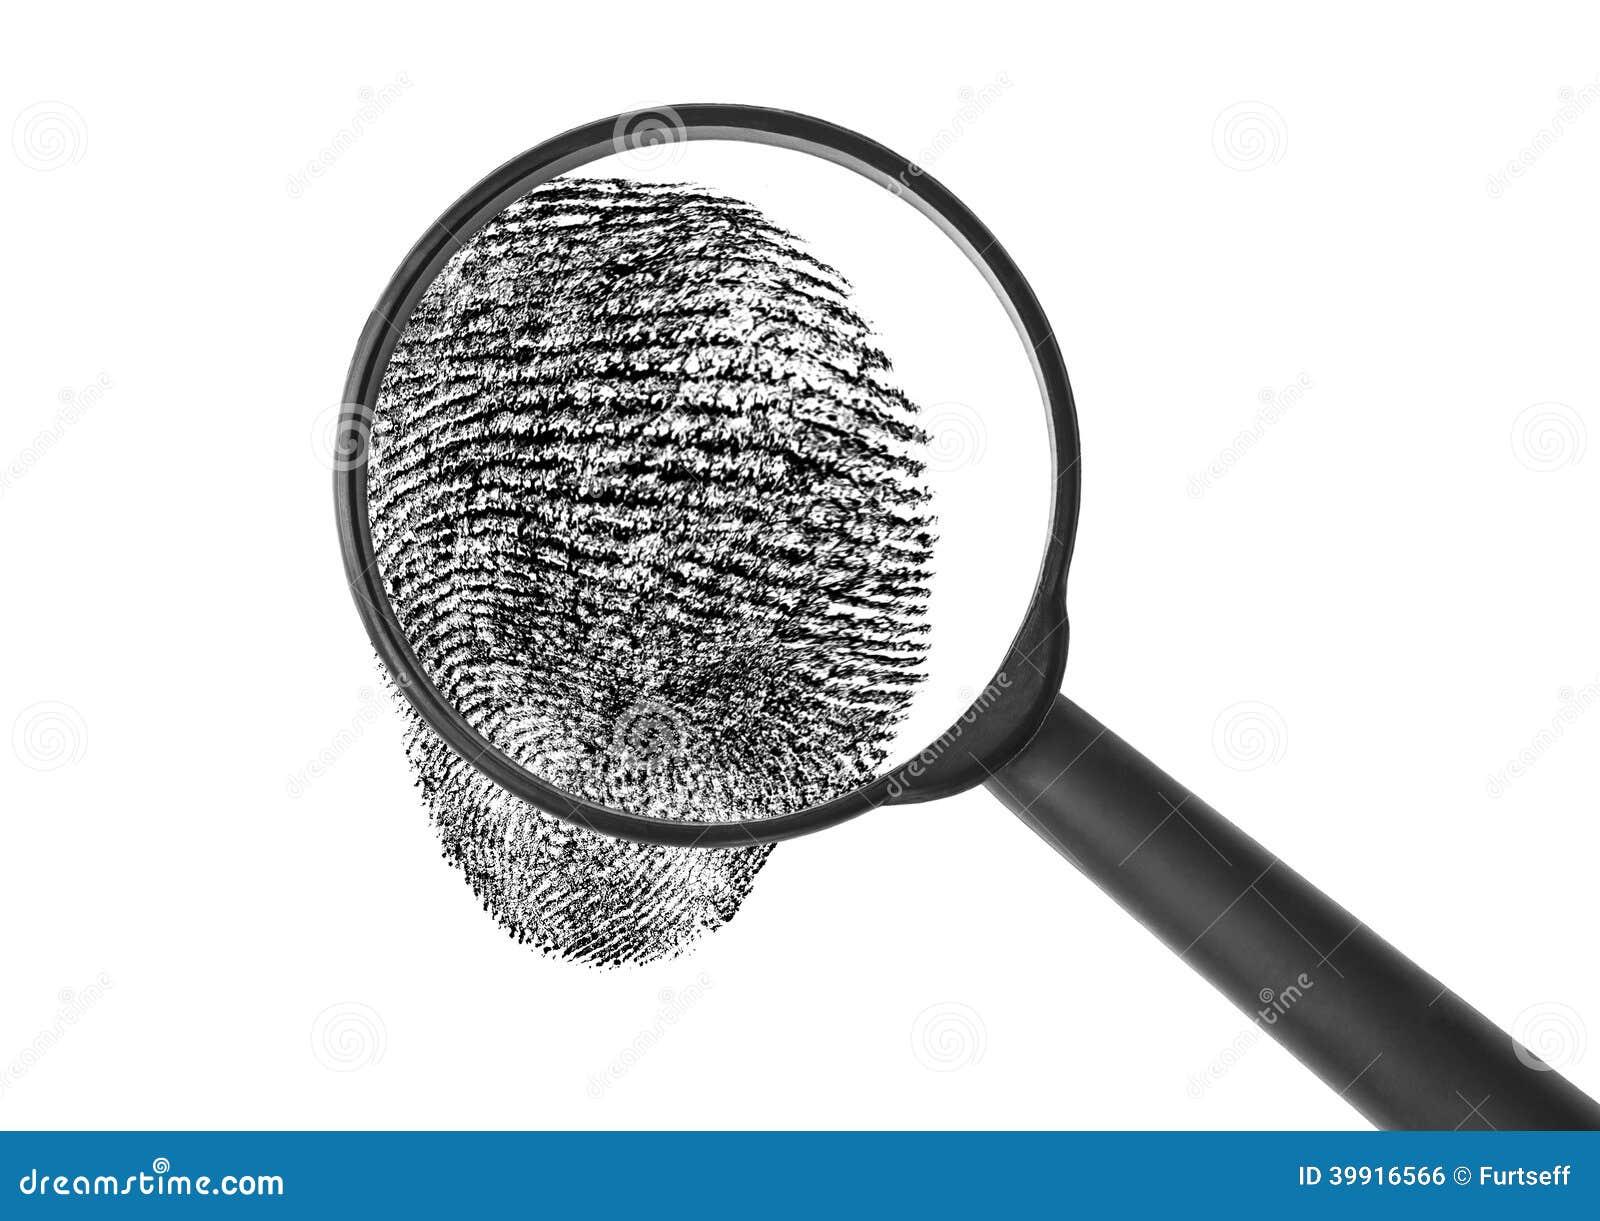 Fingerprints From Photos Of Glasses